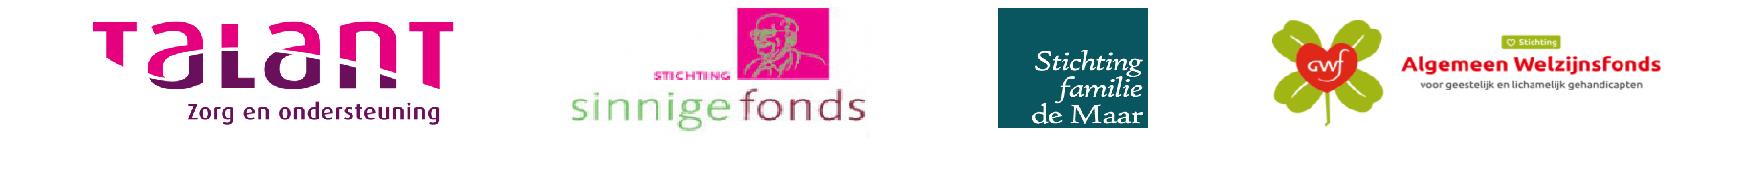 Logoswebsite